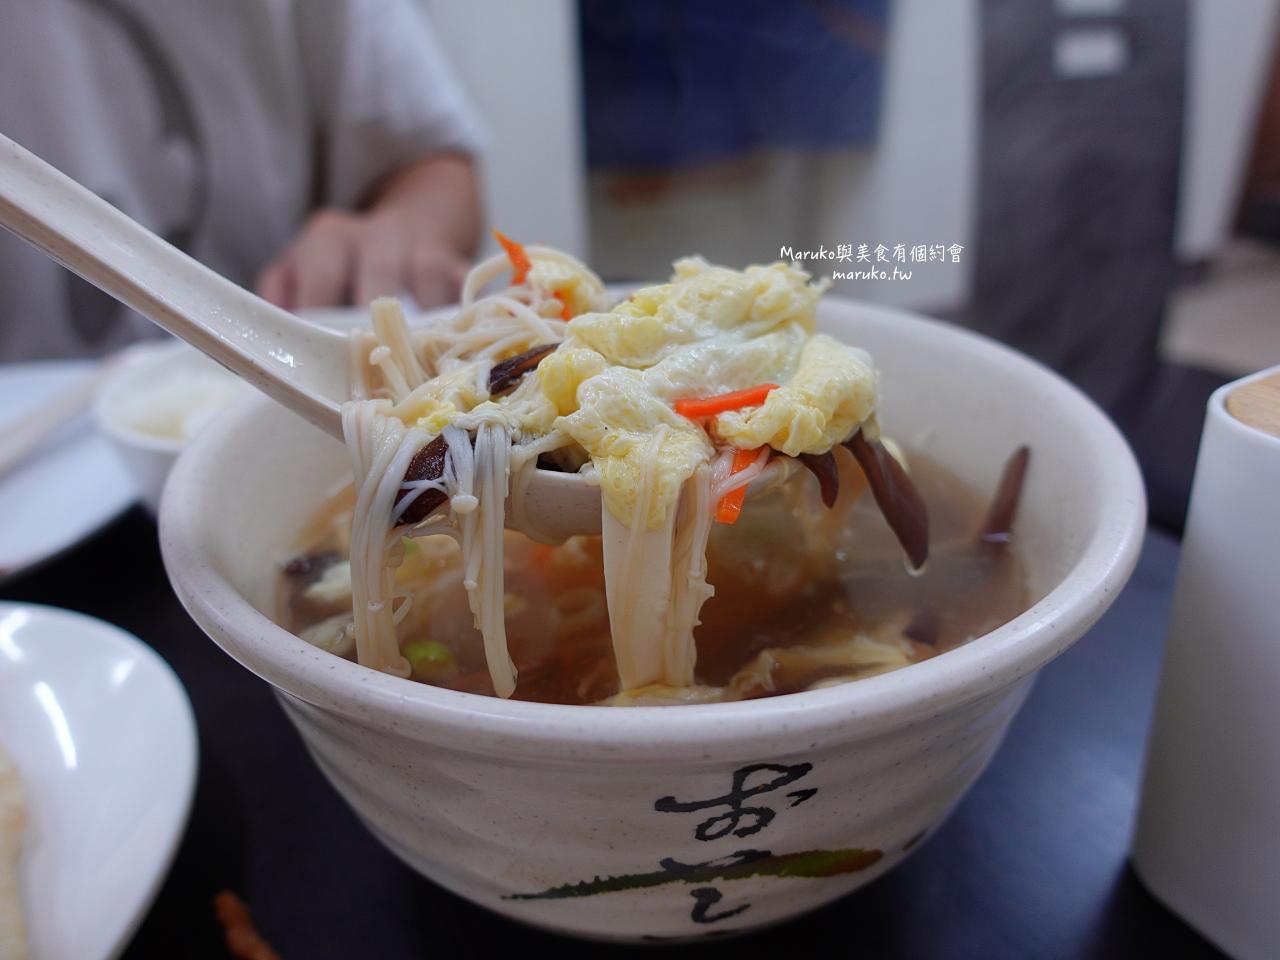 【台北美食】葉嘉美食小館 古亭隱藏版美食乾烙東北斤餅套餐更划算 @Maruko與美食有個約會